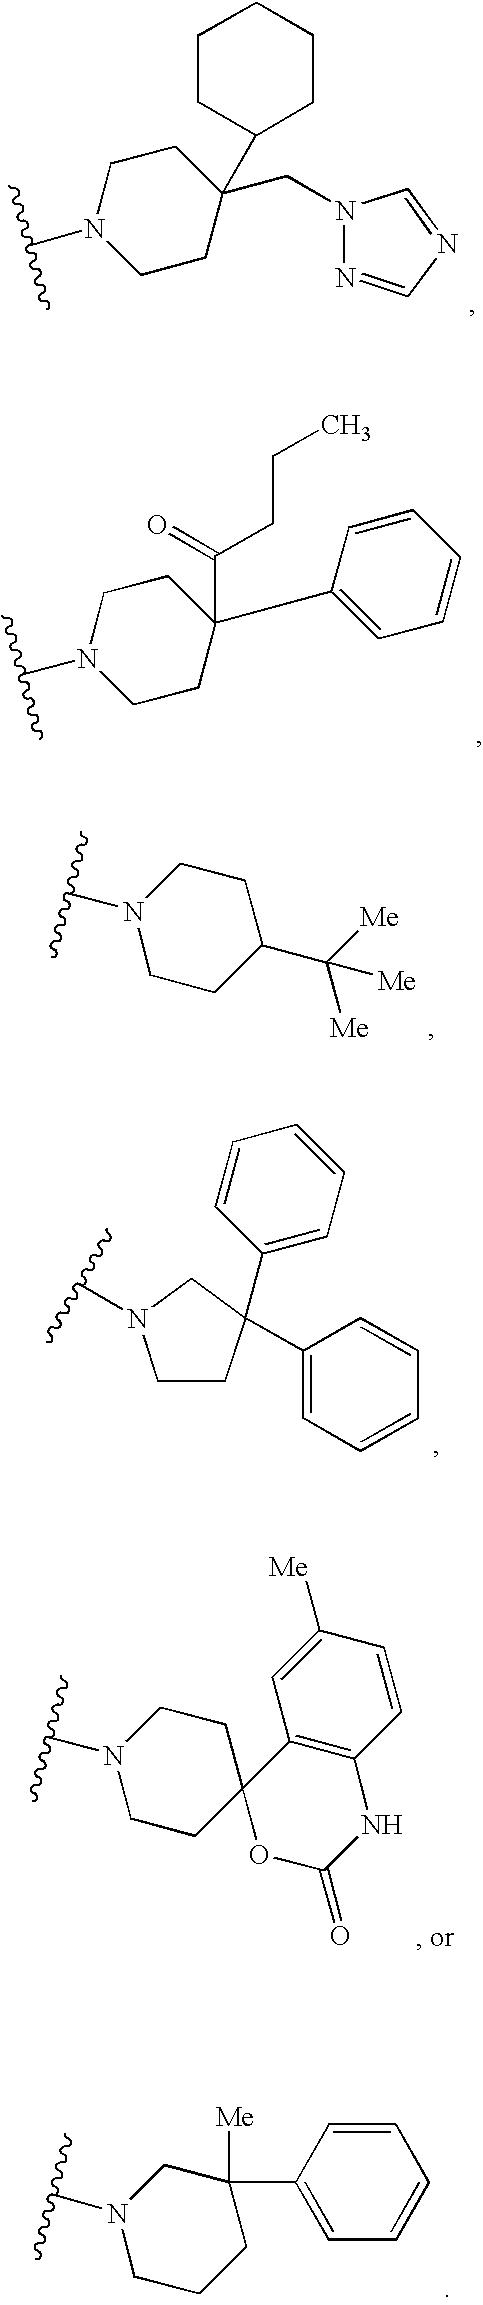 Figure US07067525-20060627-C00021